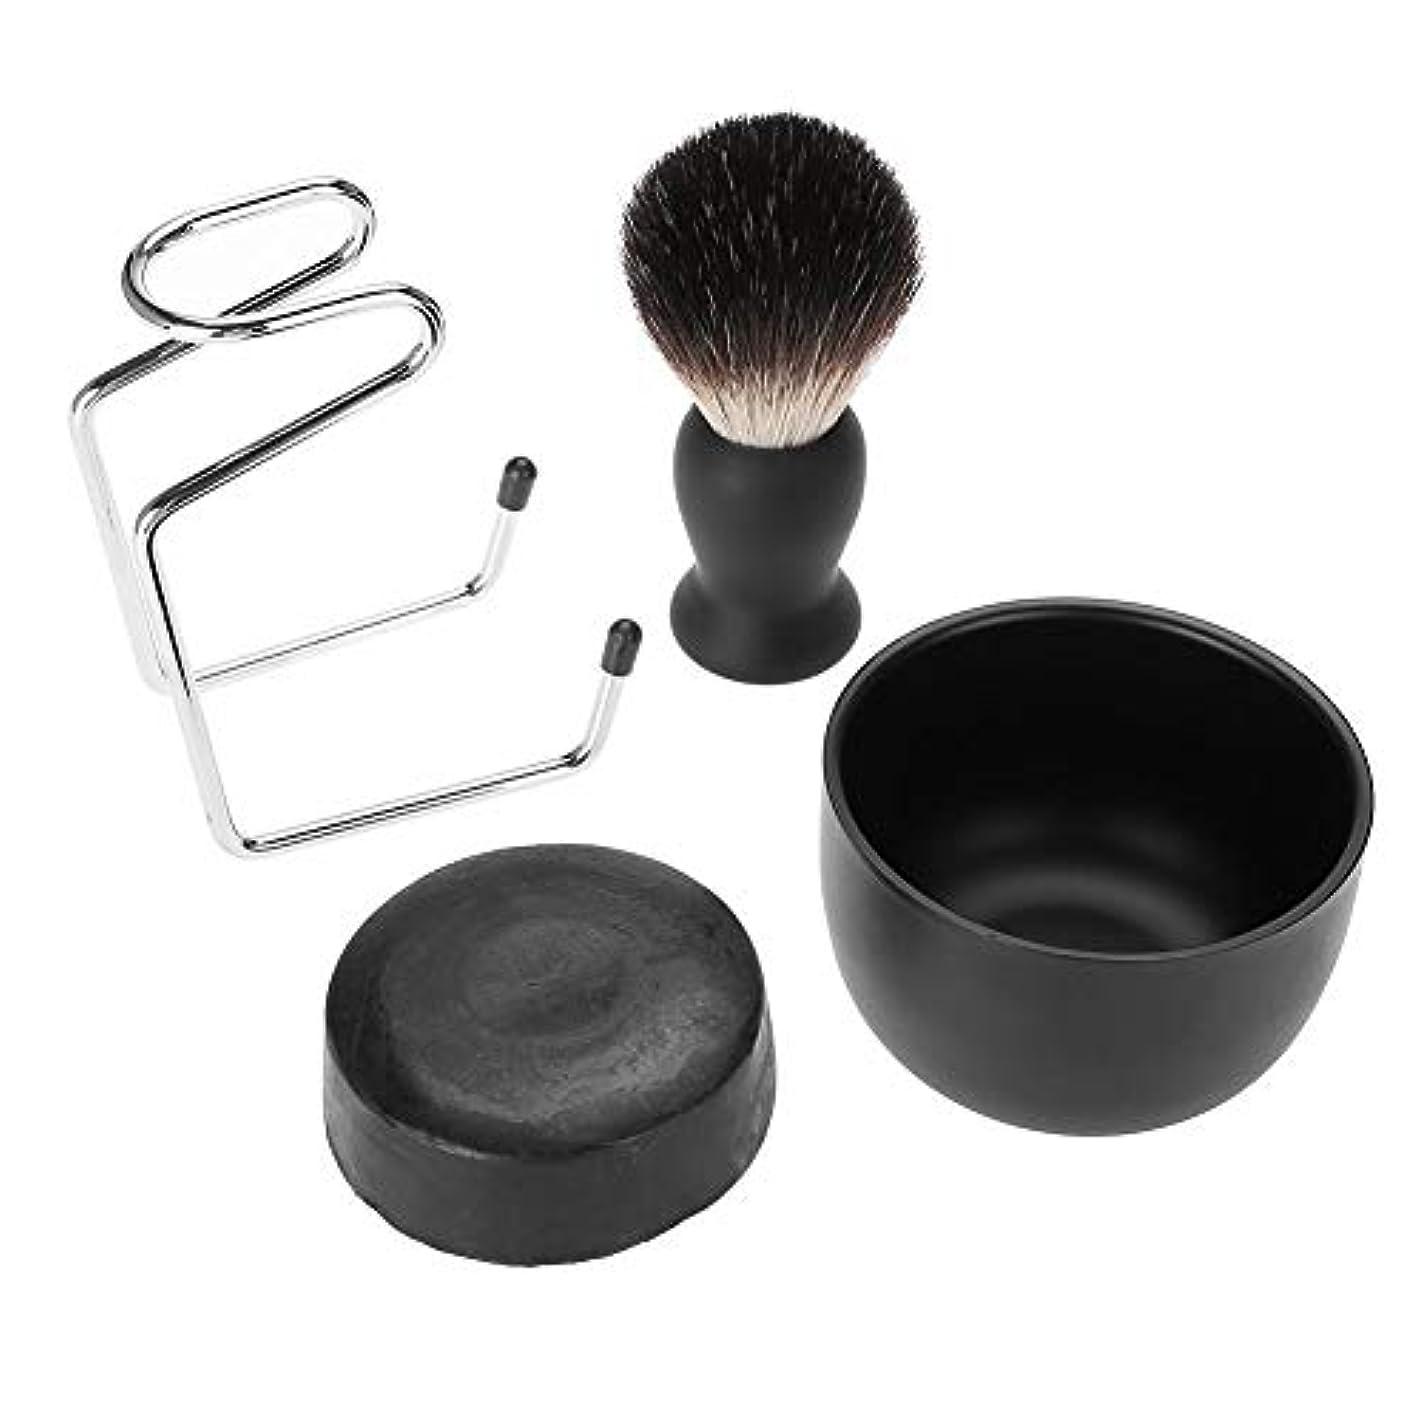 湿った代表団法律によりひげ剃りセット、ひげ剃りツールキット付きシェービングブラシ+ブラシスタンド+シェービングソープ+男性用ギフトサロンホームトラベル使用